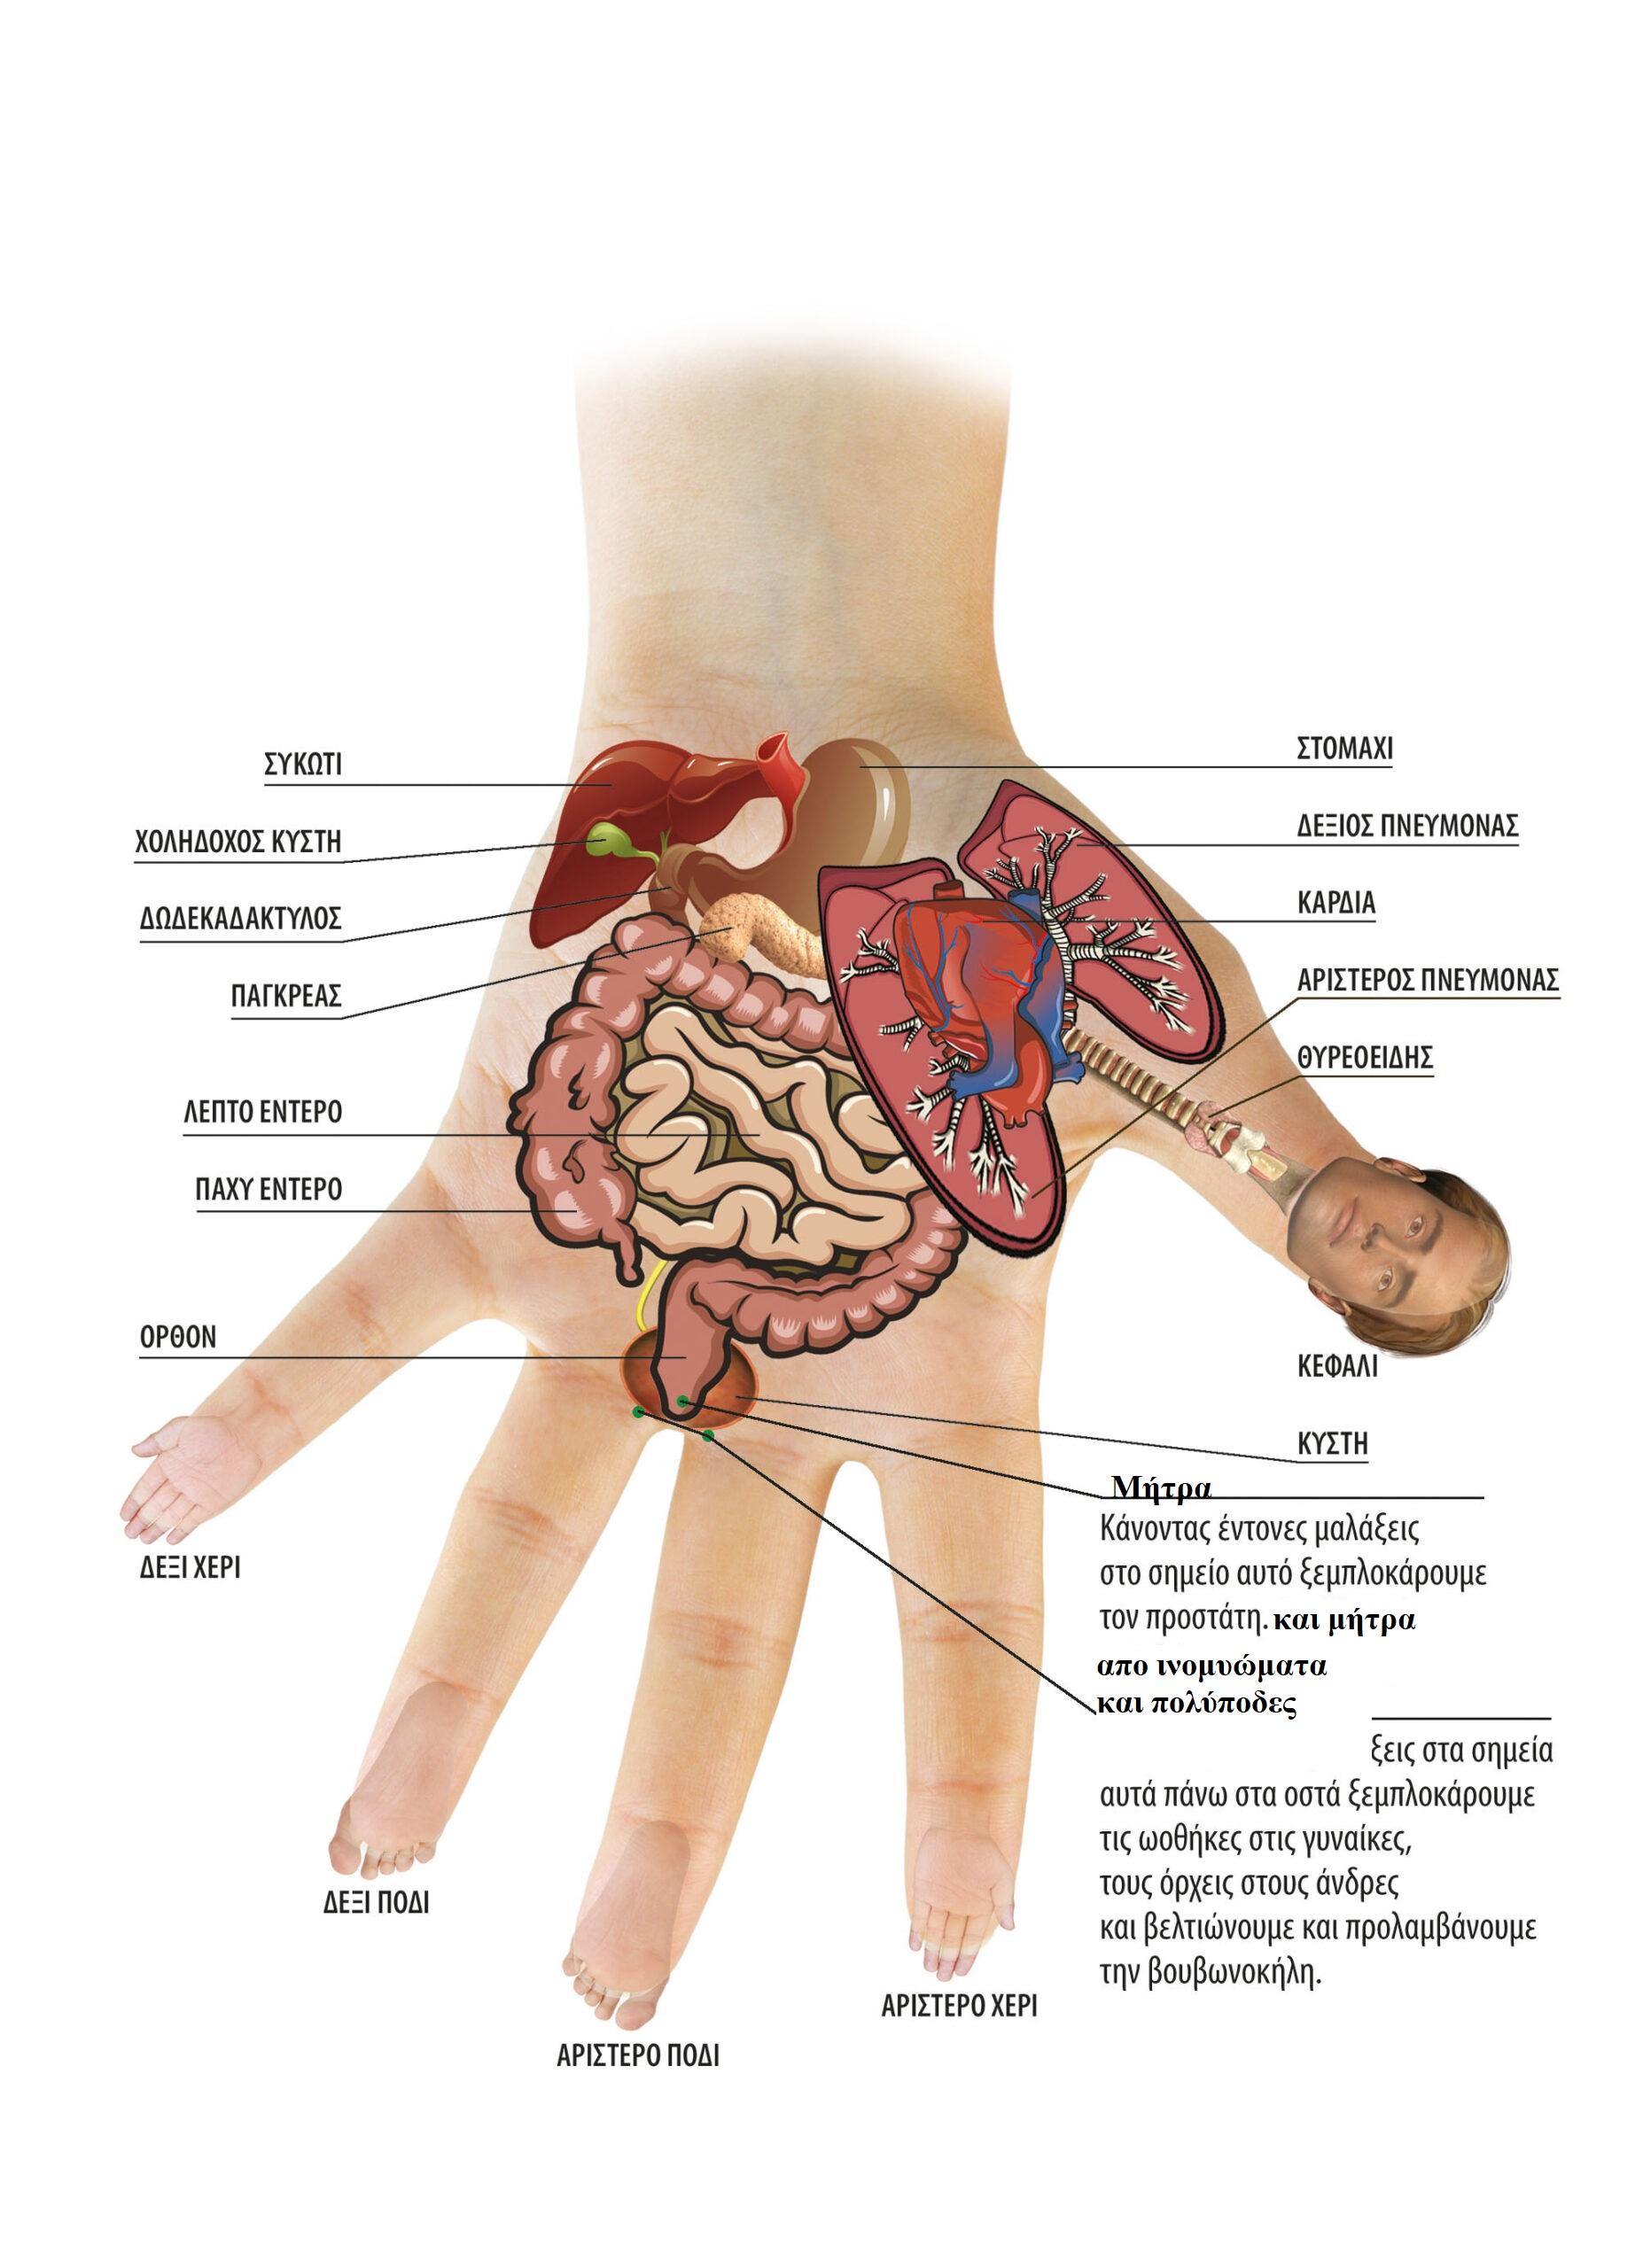 Αυτοθεραπεία από ινομυώματα και την αιμοραγία που προκαλούν, καθώς μετουσίωση συναισθηματικού βάρους σε χαρά ξεμπλοκάροντας τον μεσημβρινό της σκπλήνας πάγκρεας και λεπτού εντέρου 3